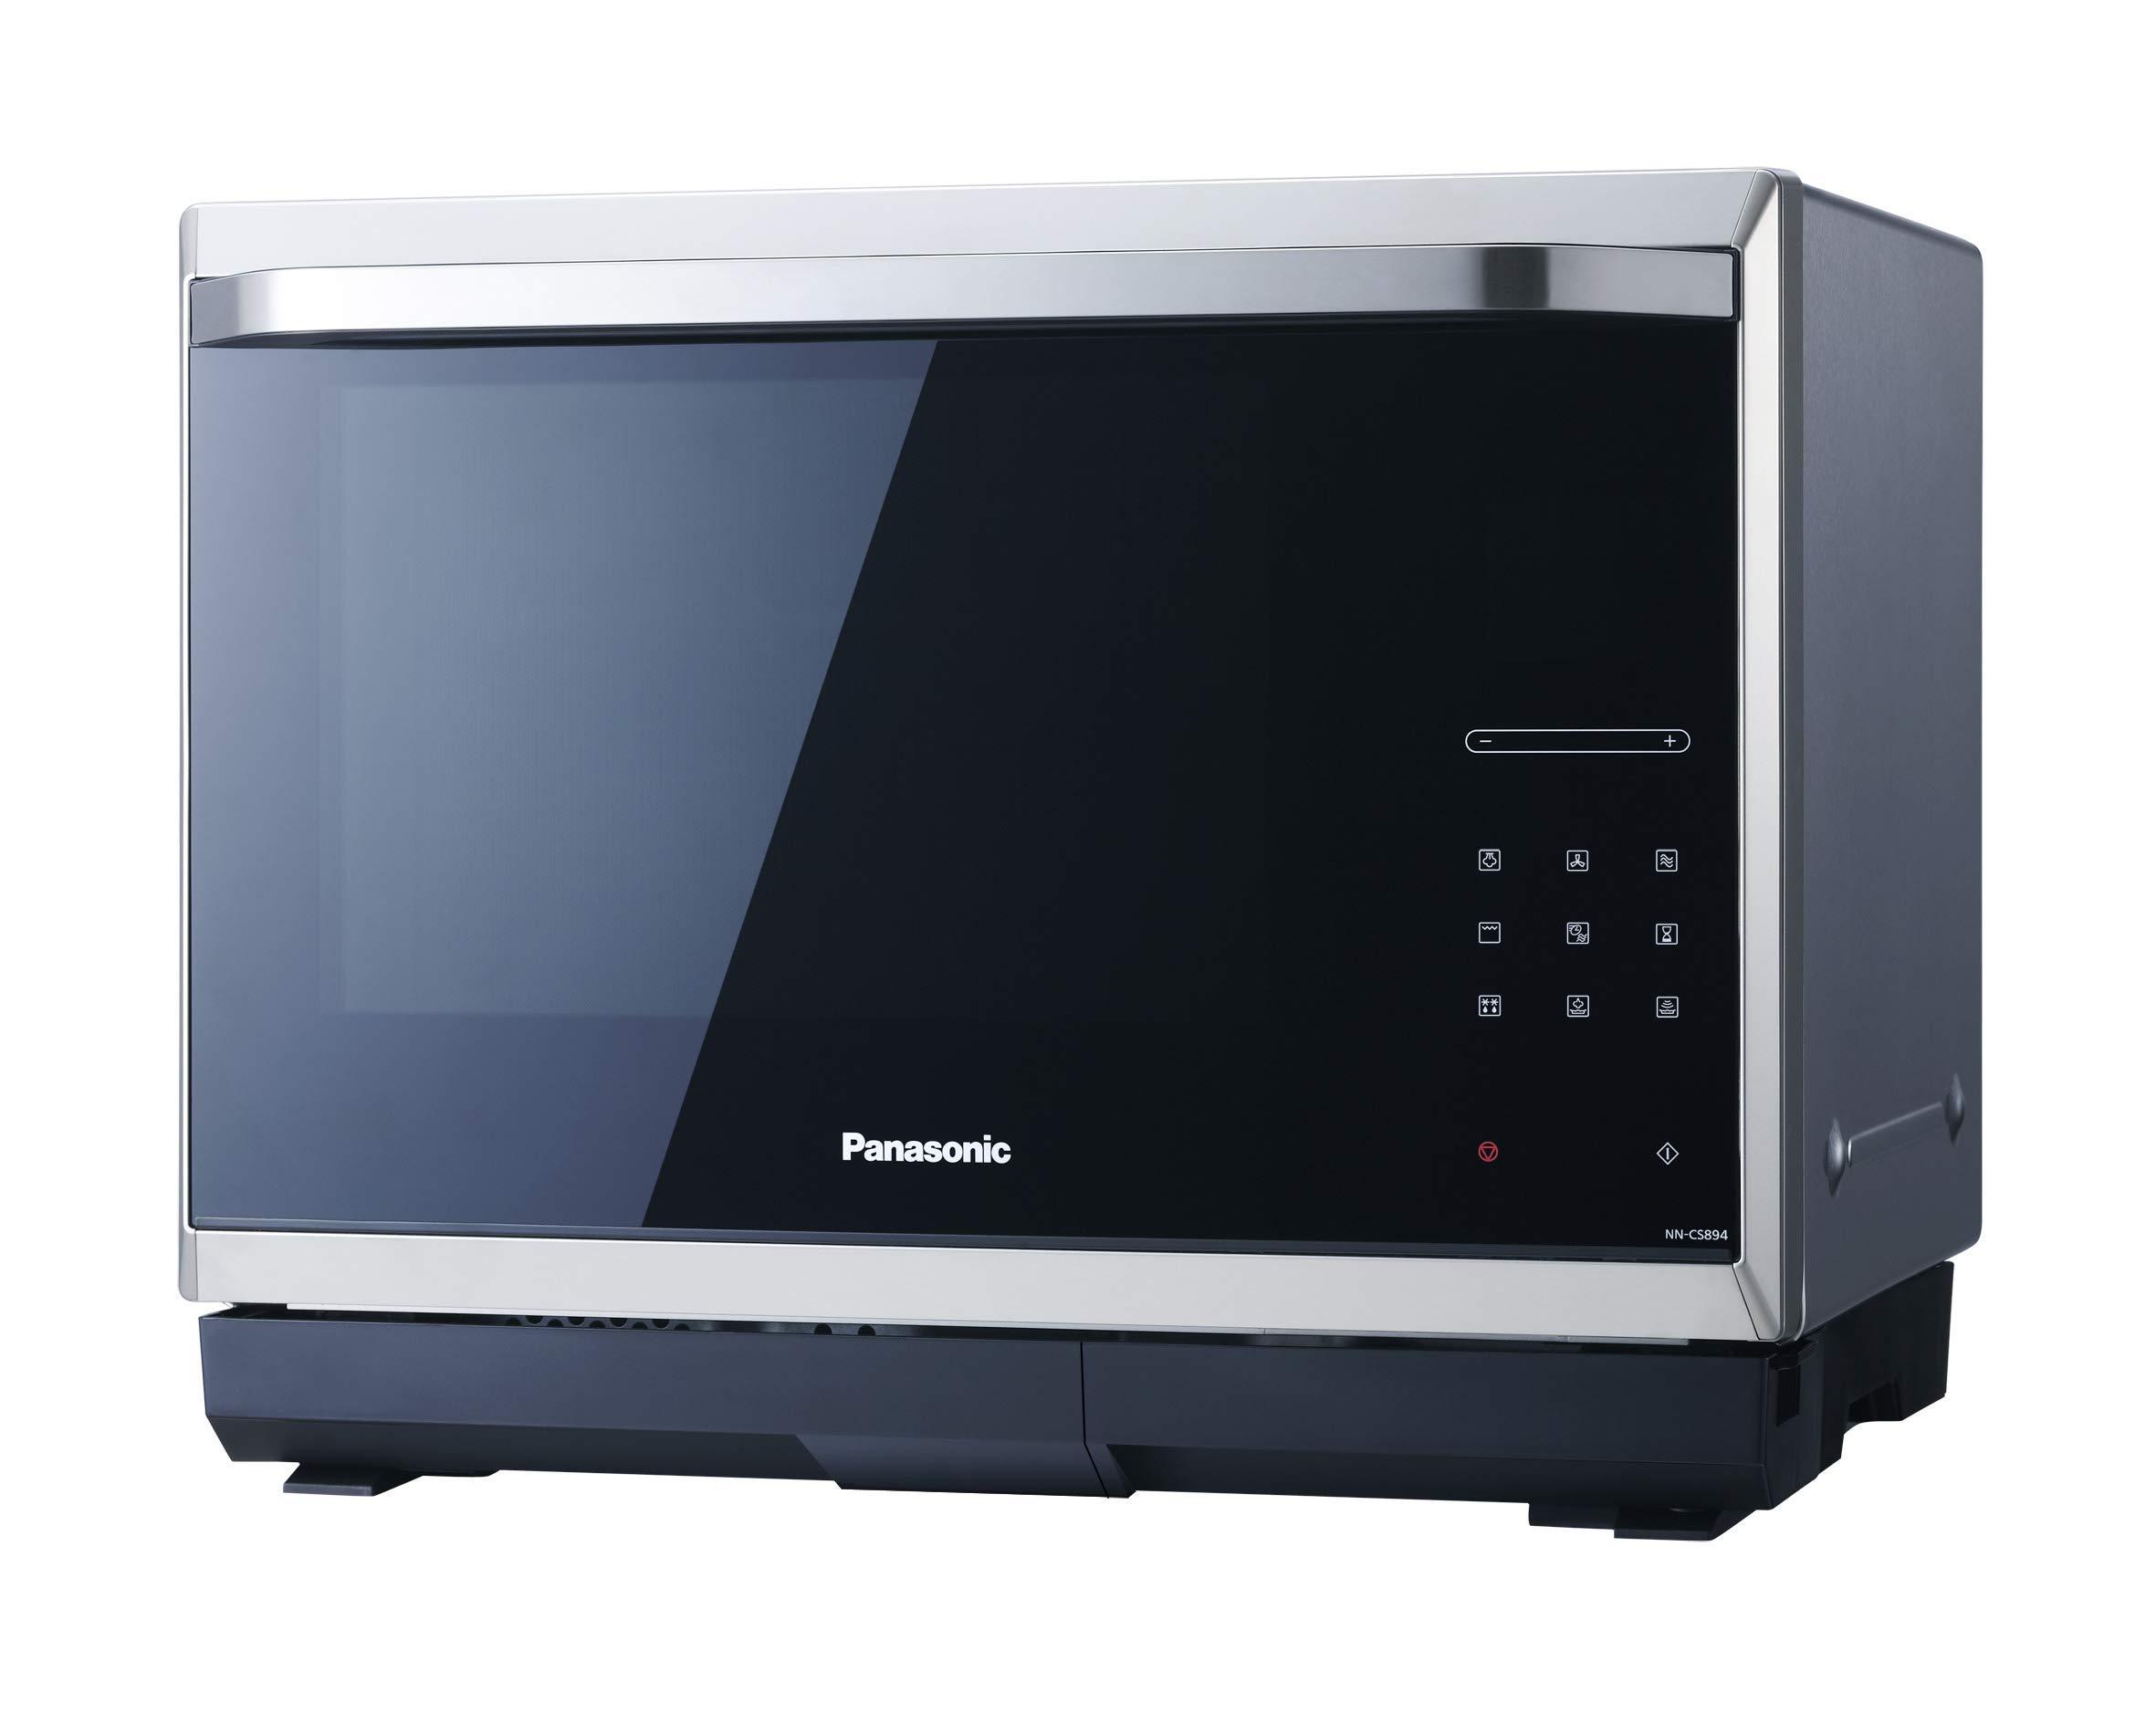 Panasonic NN-CS894 Kombi Mikrowelle, Dampfgarer-Mikrowelle, Grill, 32 Liter) edelstahl-schwarz